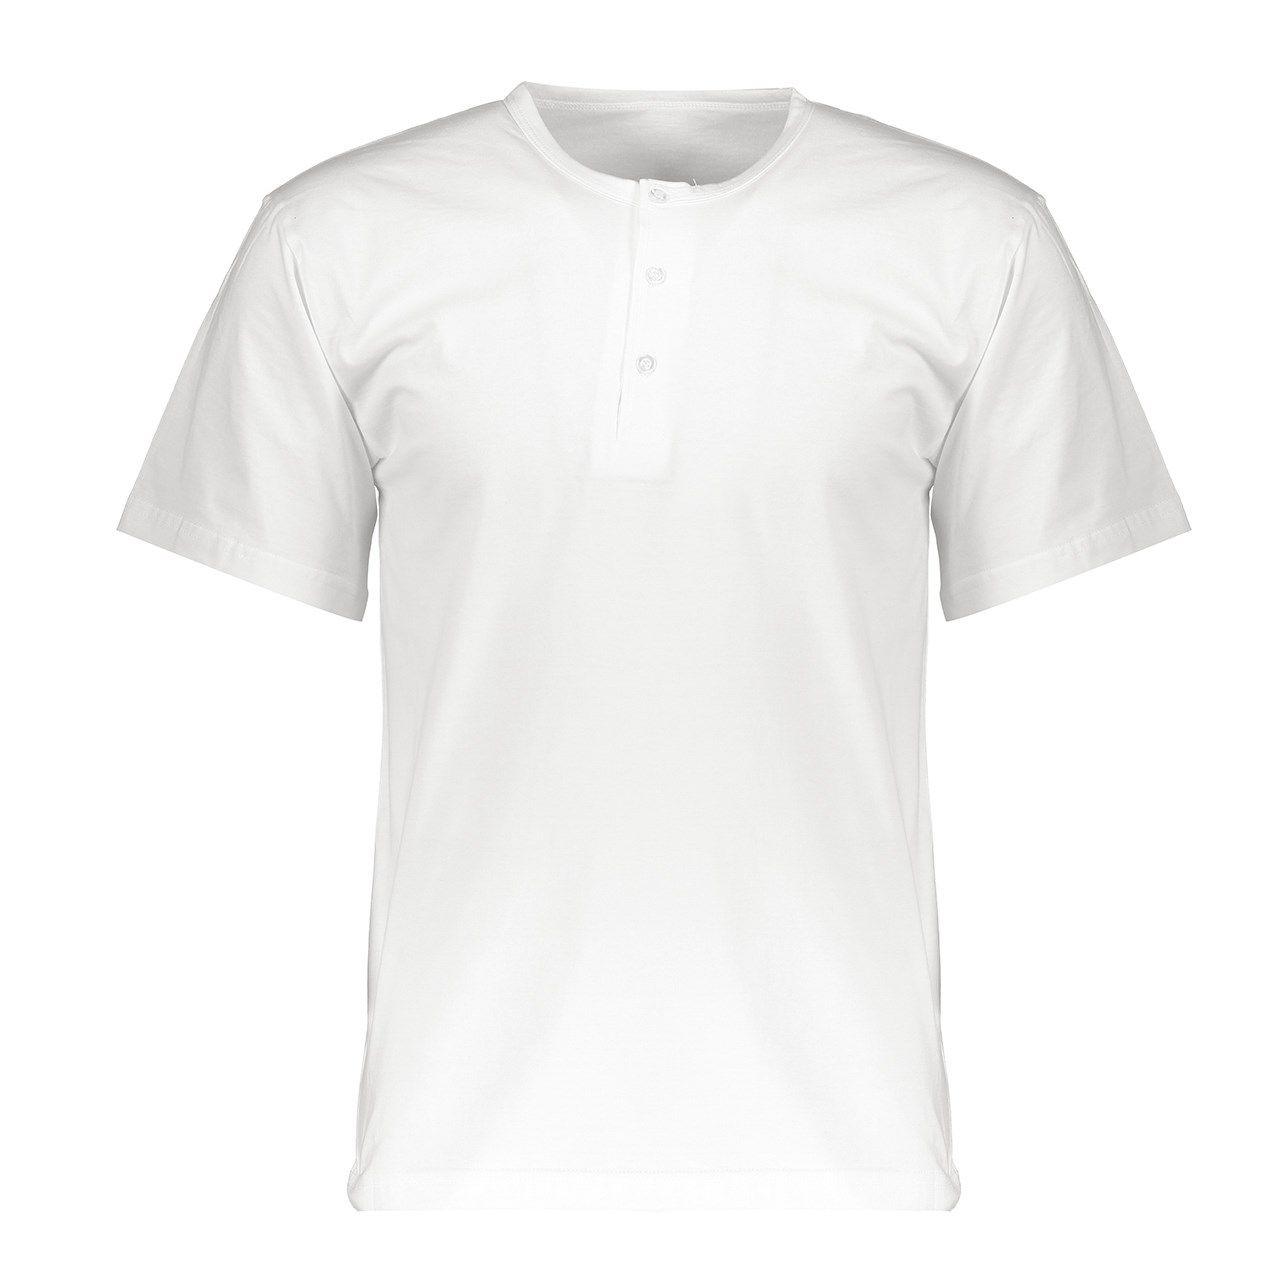 زیرپوش آستین کوتاه مردانه رویین تن پوش مدل  11112 -  - 1